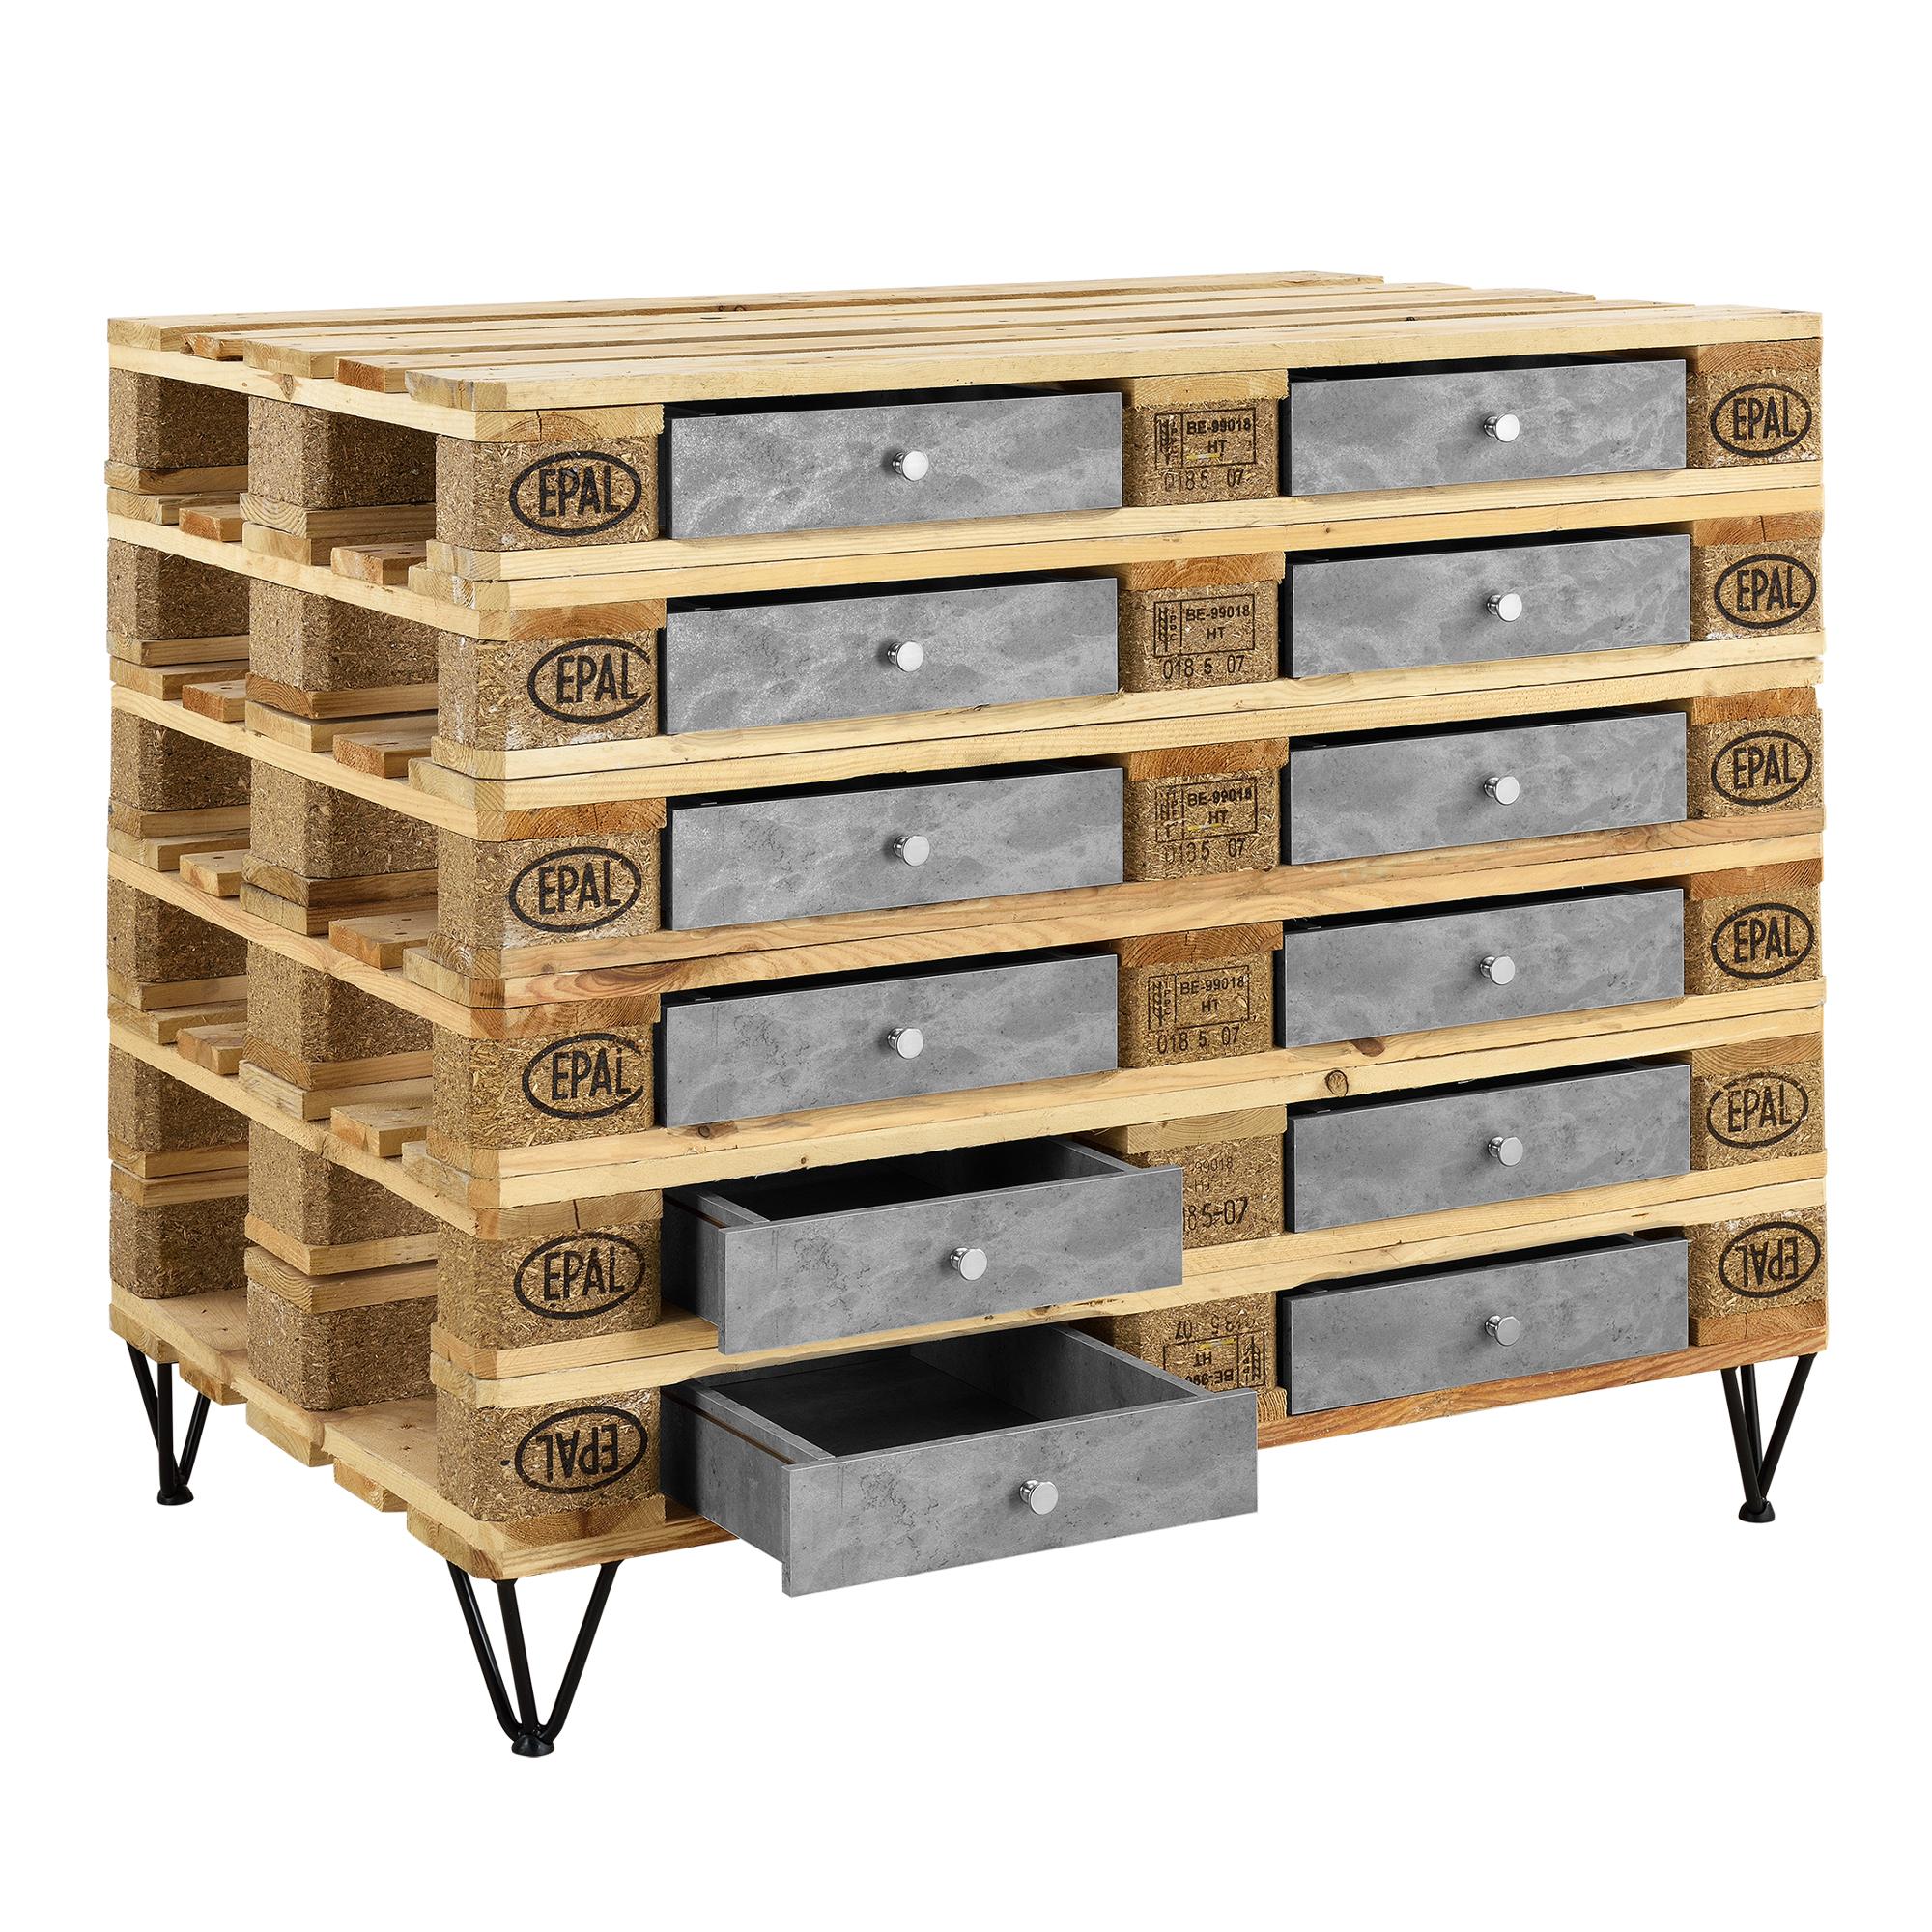 comptoir pour meuble de palette mdf b ton ebay. Black Bedroom Furniture Sets. Home Design Ideas